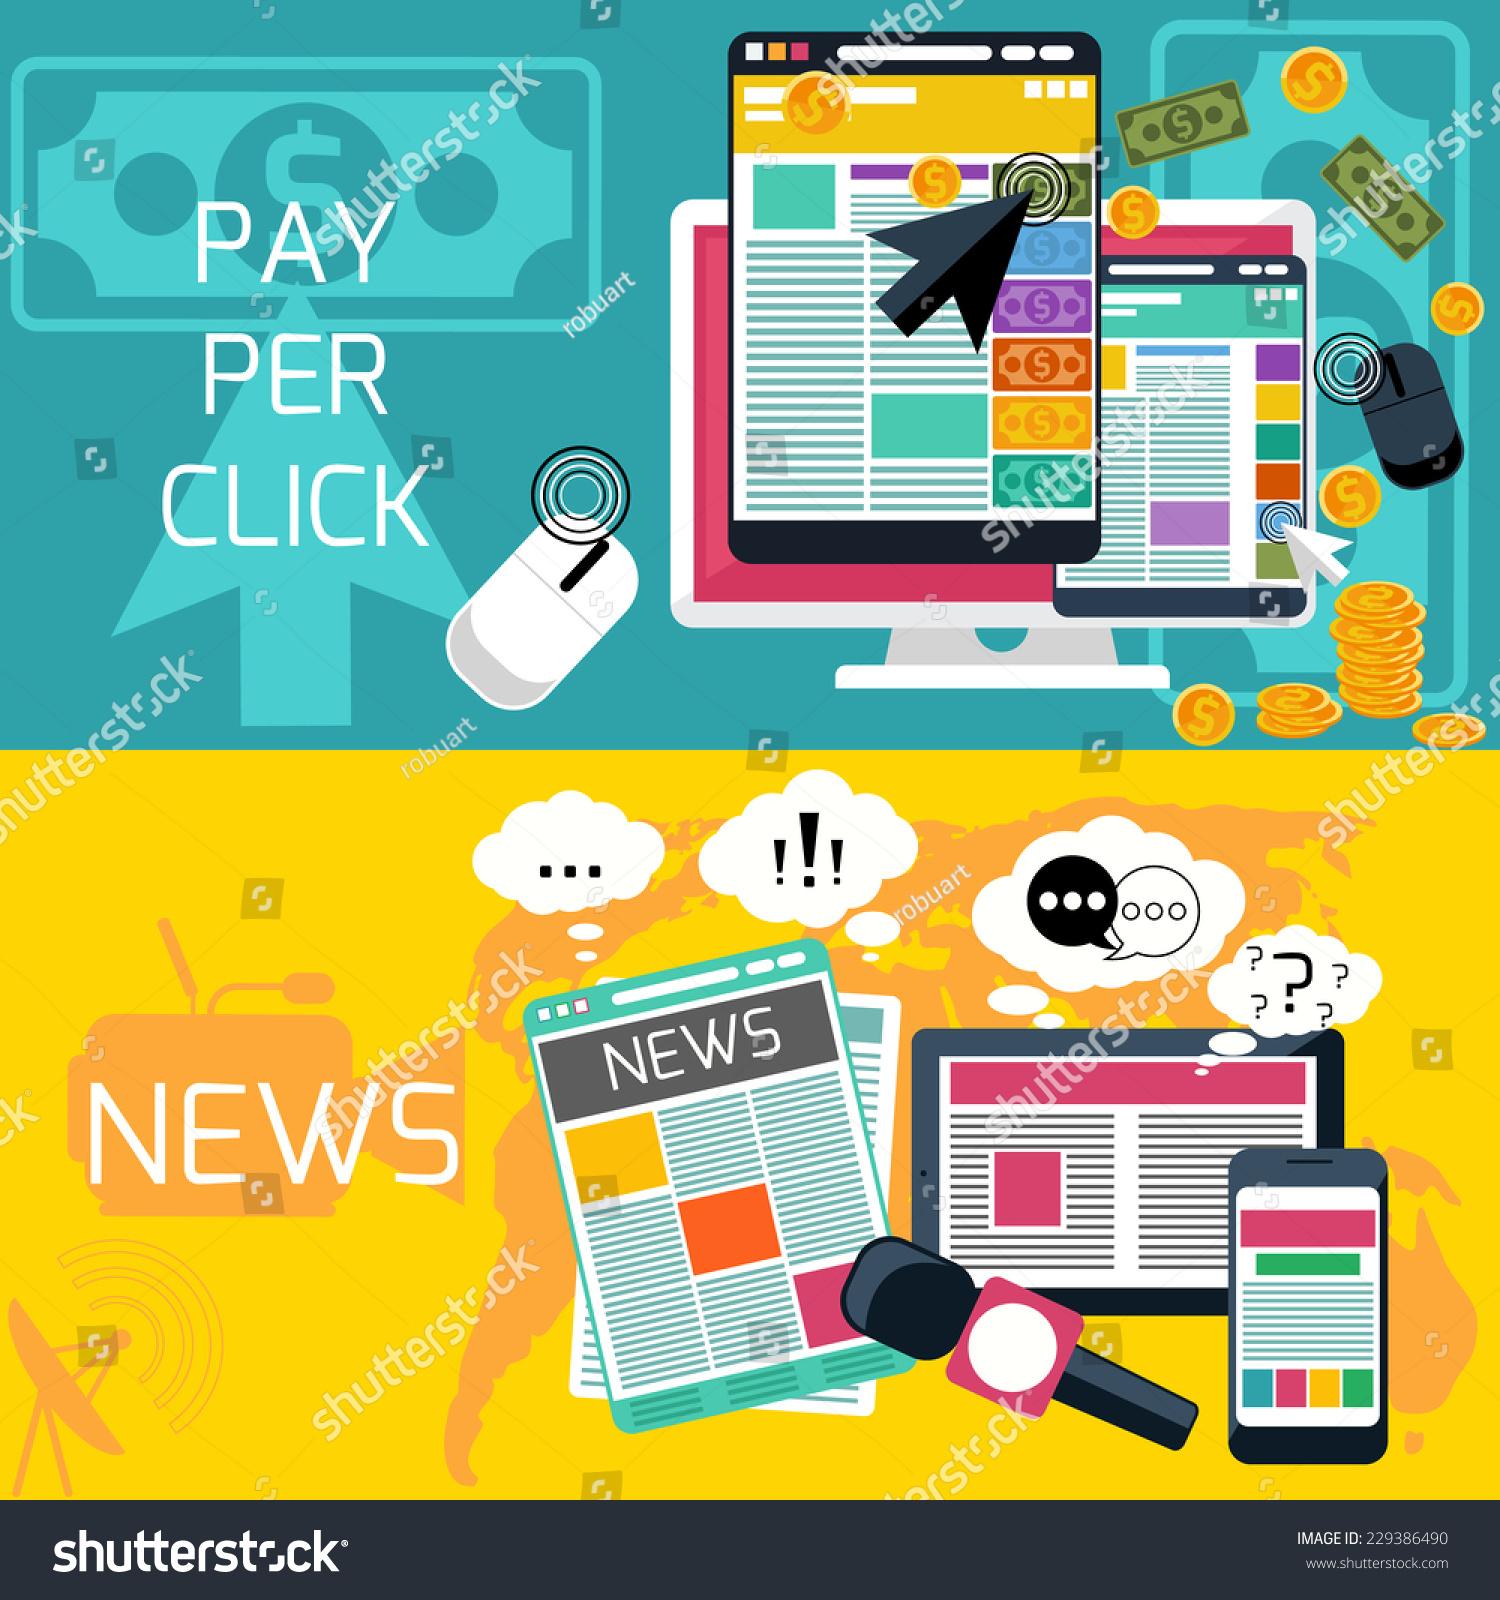 Mass Pay Info Site: Mass Media Journalism News Concept Flat Stock Vector